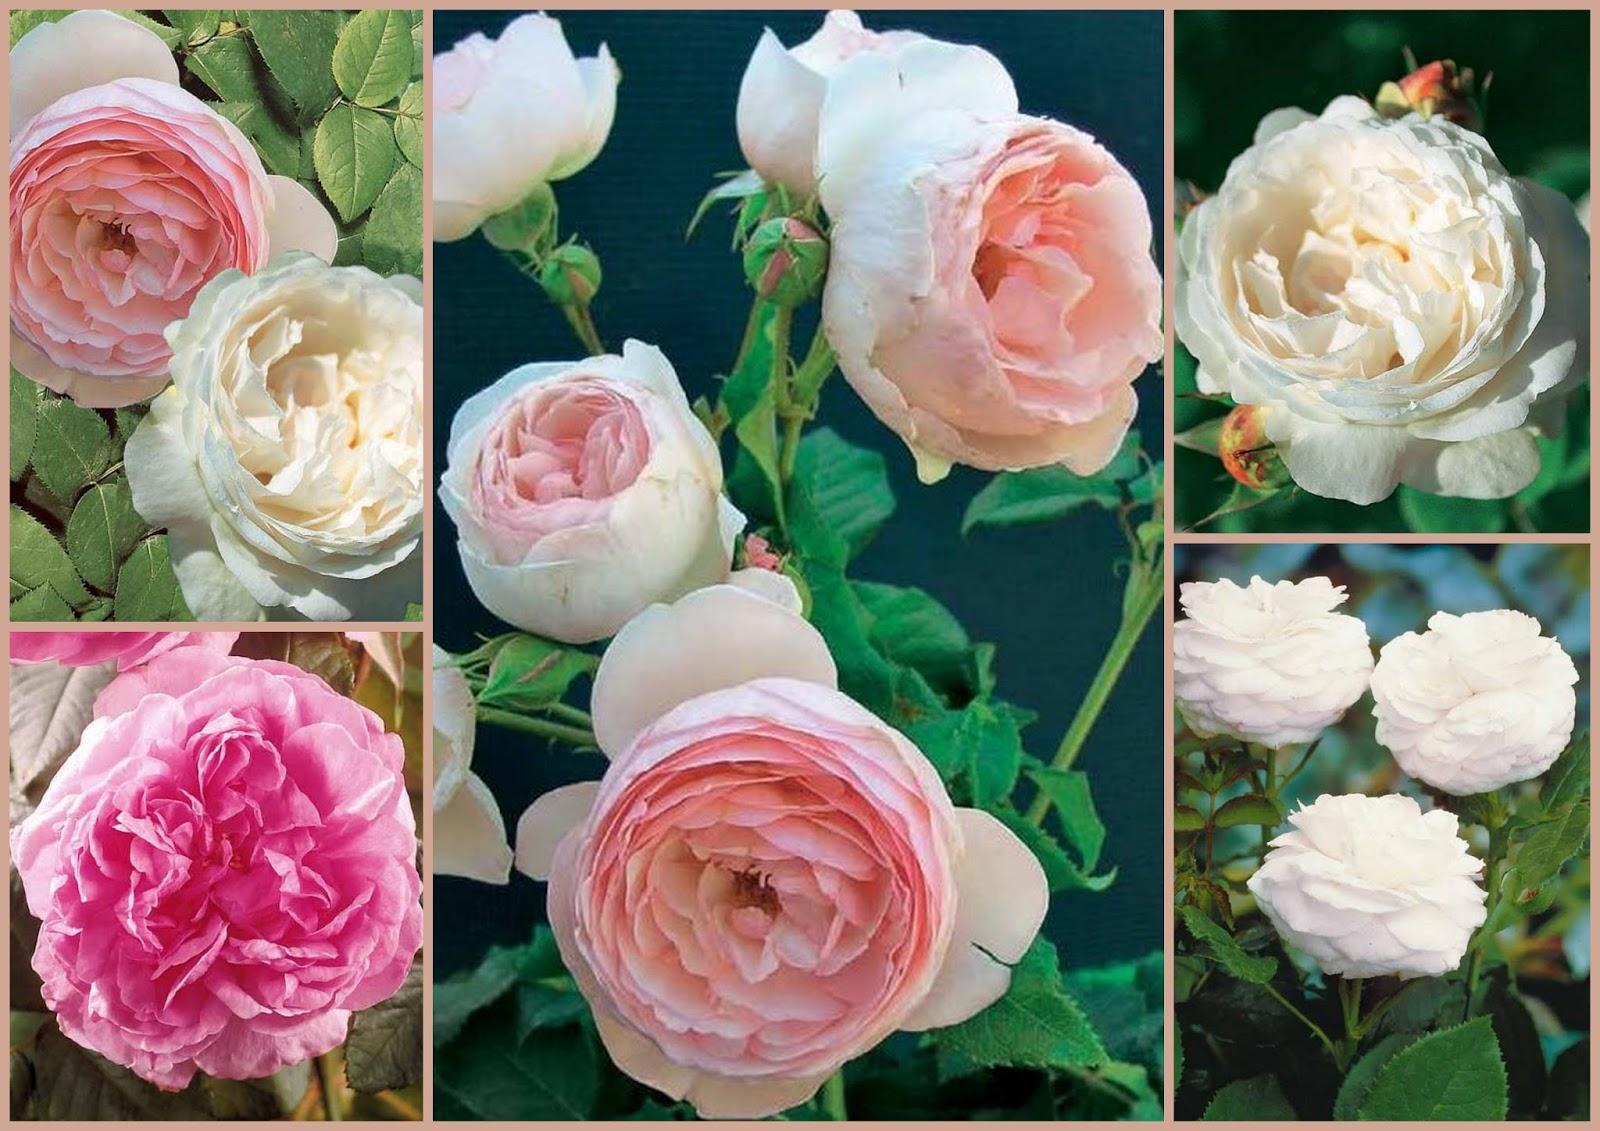 Promesse de roses commande de 4 rosiers chez willemse for Comdemande de catalogue gratuit